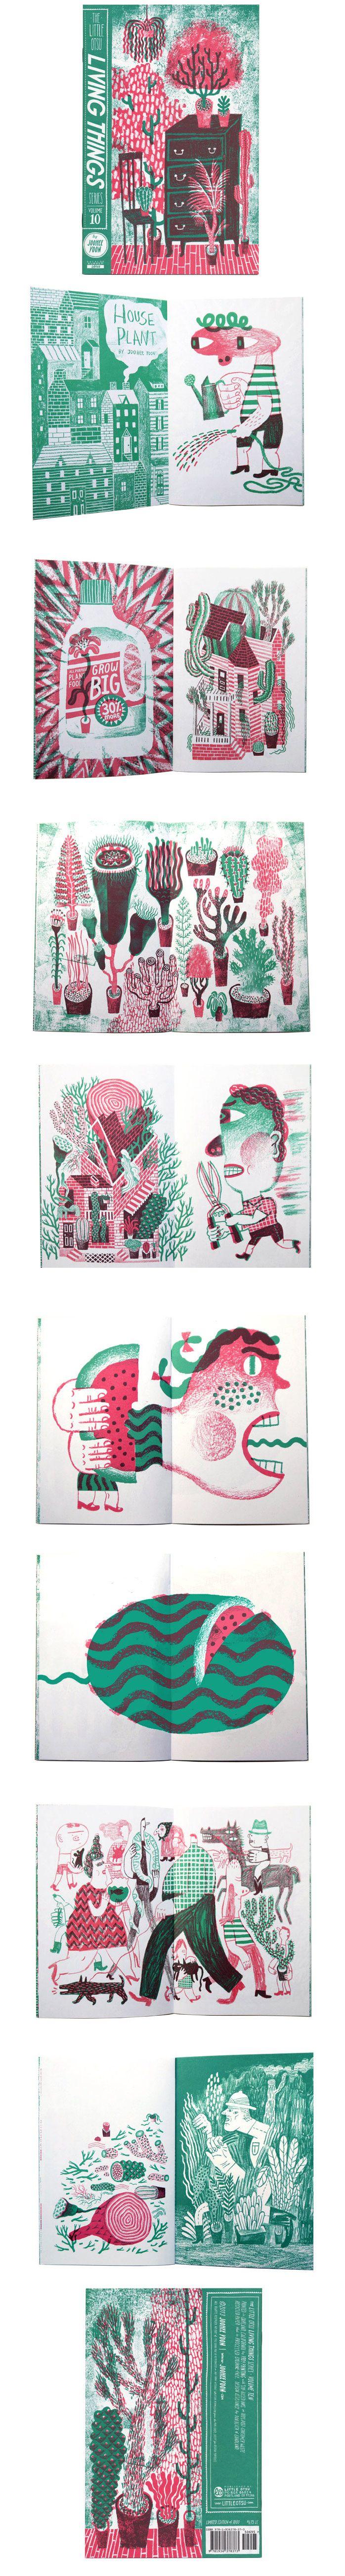 Dos colores, una riqueza de tintas muy grande. Me encantan tambièn las soluciones para rapresentar los edificios y las plantas (aún que no habrá muchas plantas en mi historia) JooHee Yoon